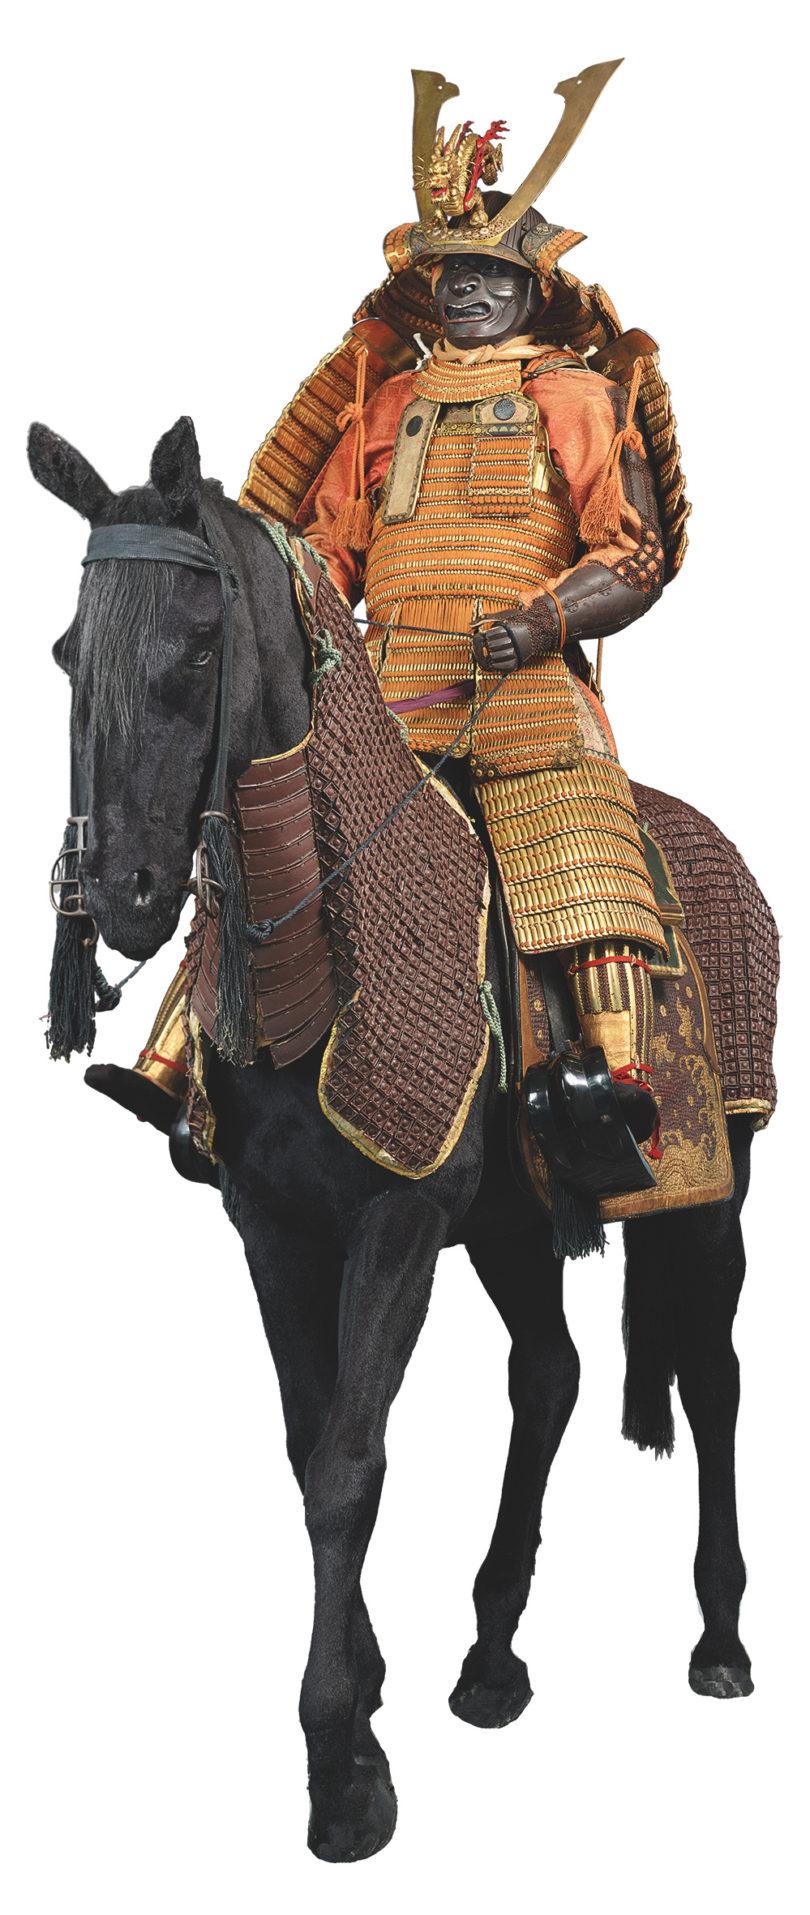 Pferderüstung (Bagai) und Pferdeausrüstung (Bagu), Edo-Zeit: 1603–1868 (Pferdeausrüstung); 2. Hälfte 19. Jh. (Pferderüstung) Eisen, Holz, Leder, Gold, Hanf, Rüstung (Tachidō Tōsei Gusoku), Zugeschrieben: Myōchin Nobuie (kaō), Späte Edo-Zeit, 19. Jh. Eisen, Lack, Gold, Schnürung © The Ann & Gabriel Barbier-Mueller Museum, Dallas Foto: Brad Flowers